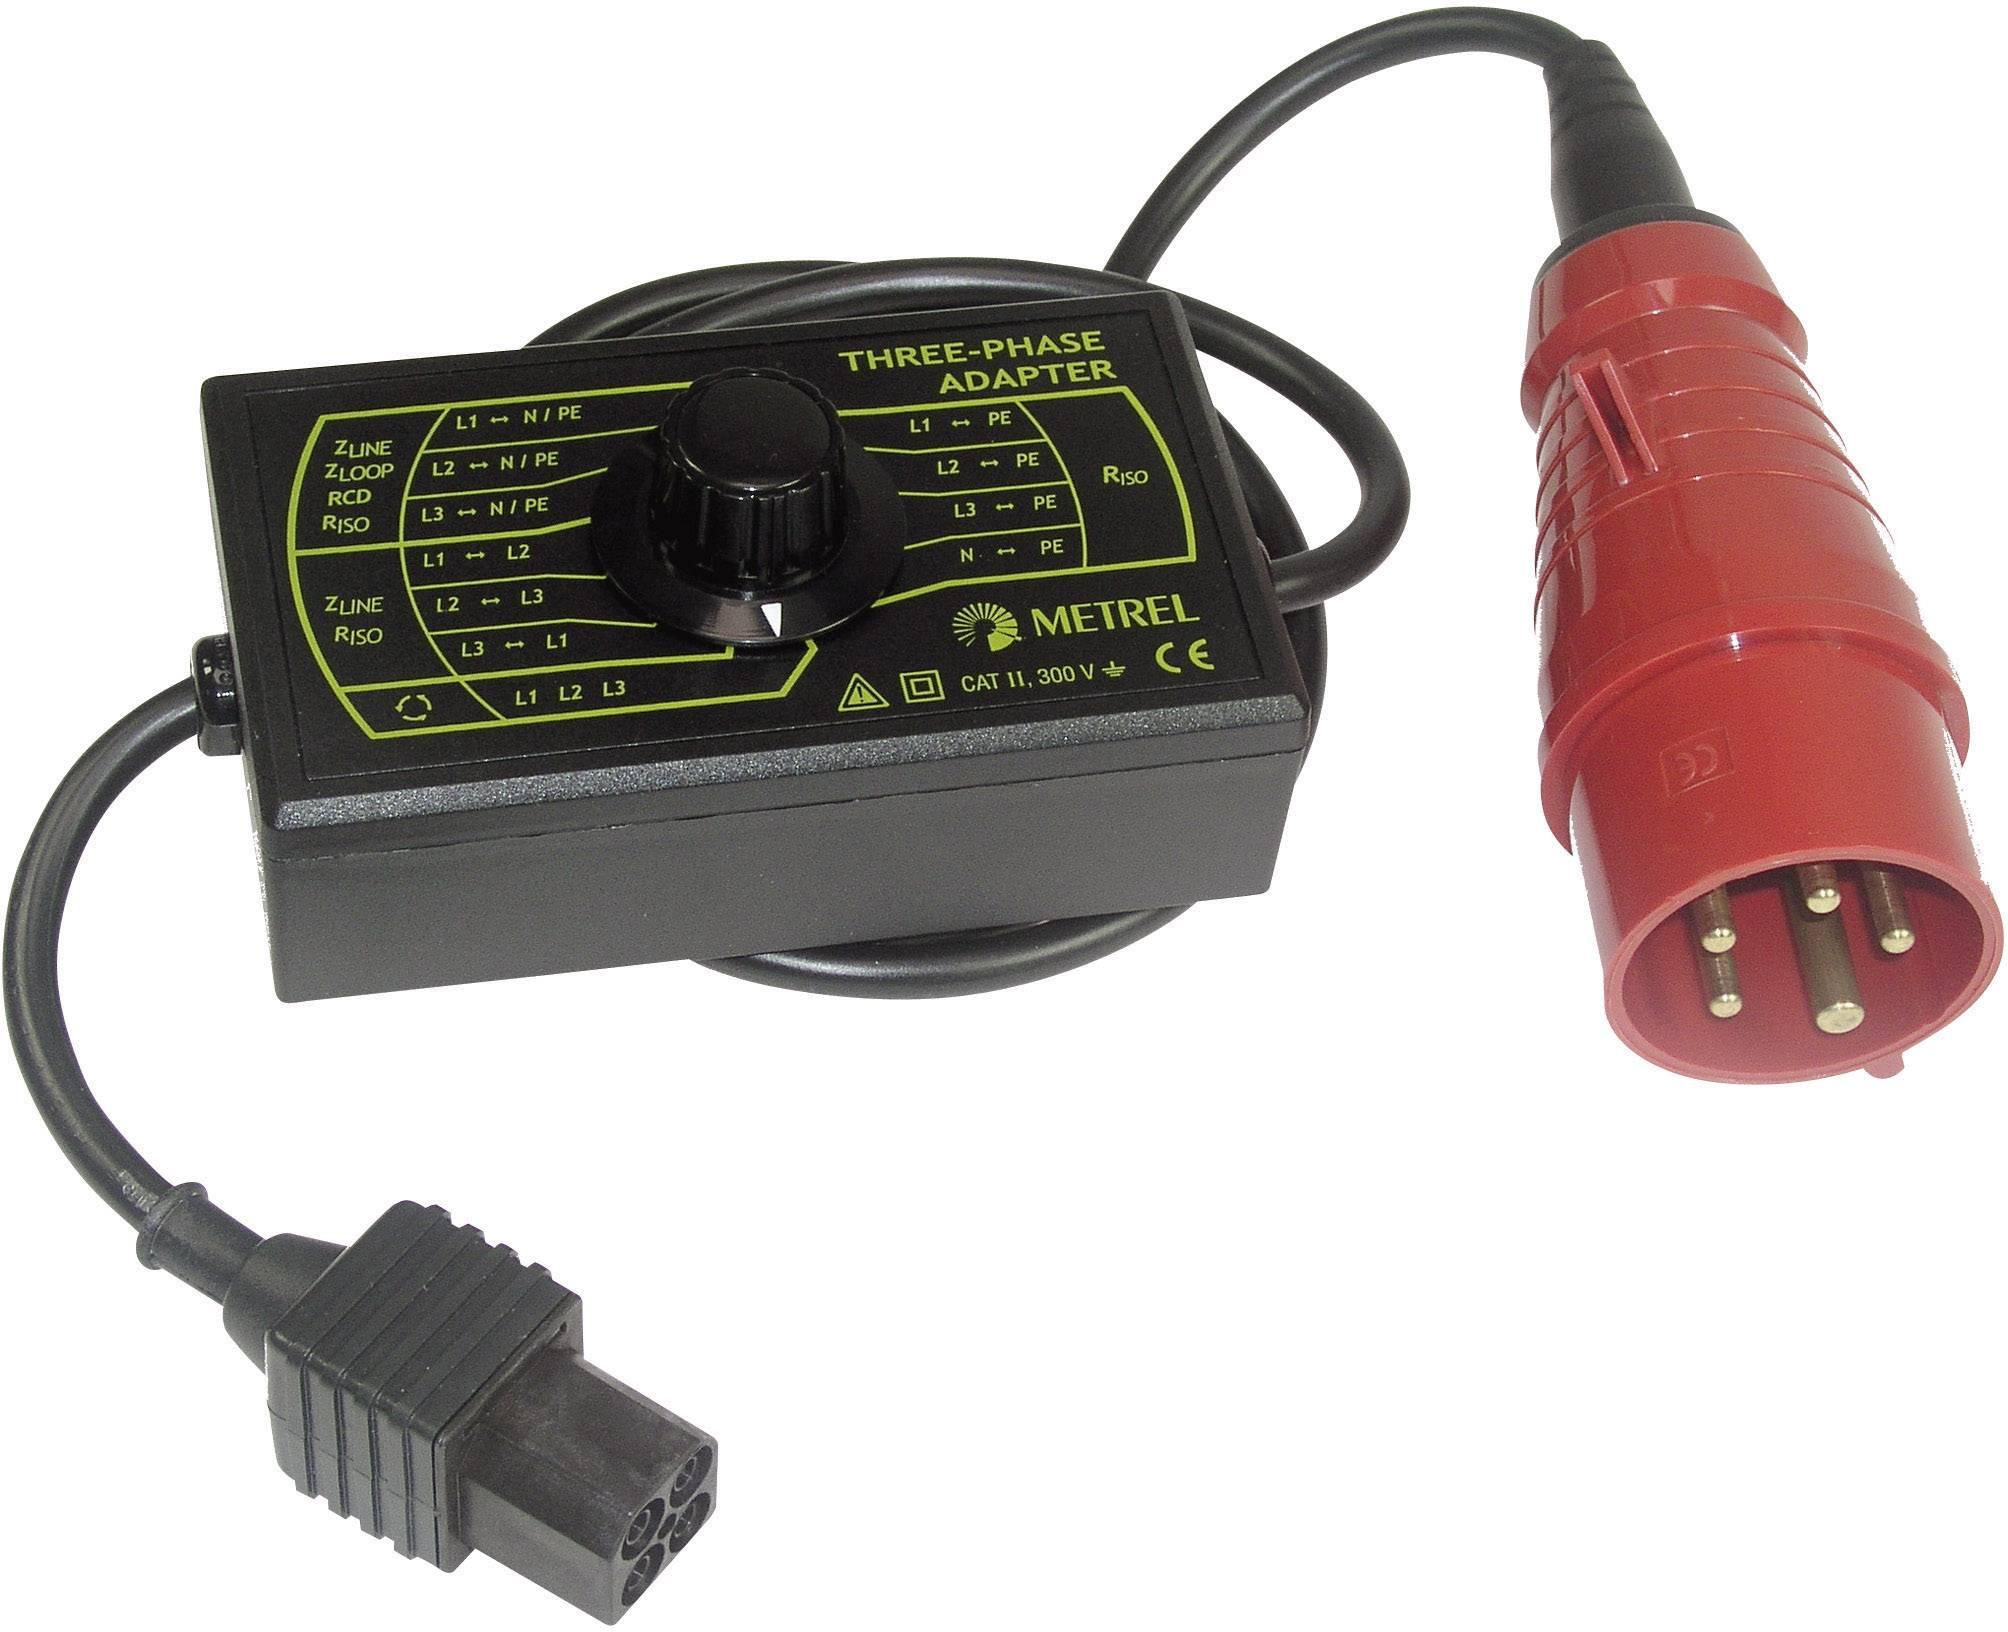 Trojfázový skúšobný adaptér Metrel A 1111 pre Eurotest